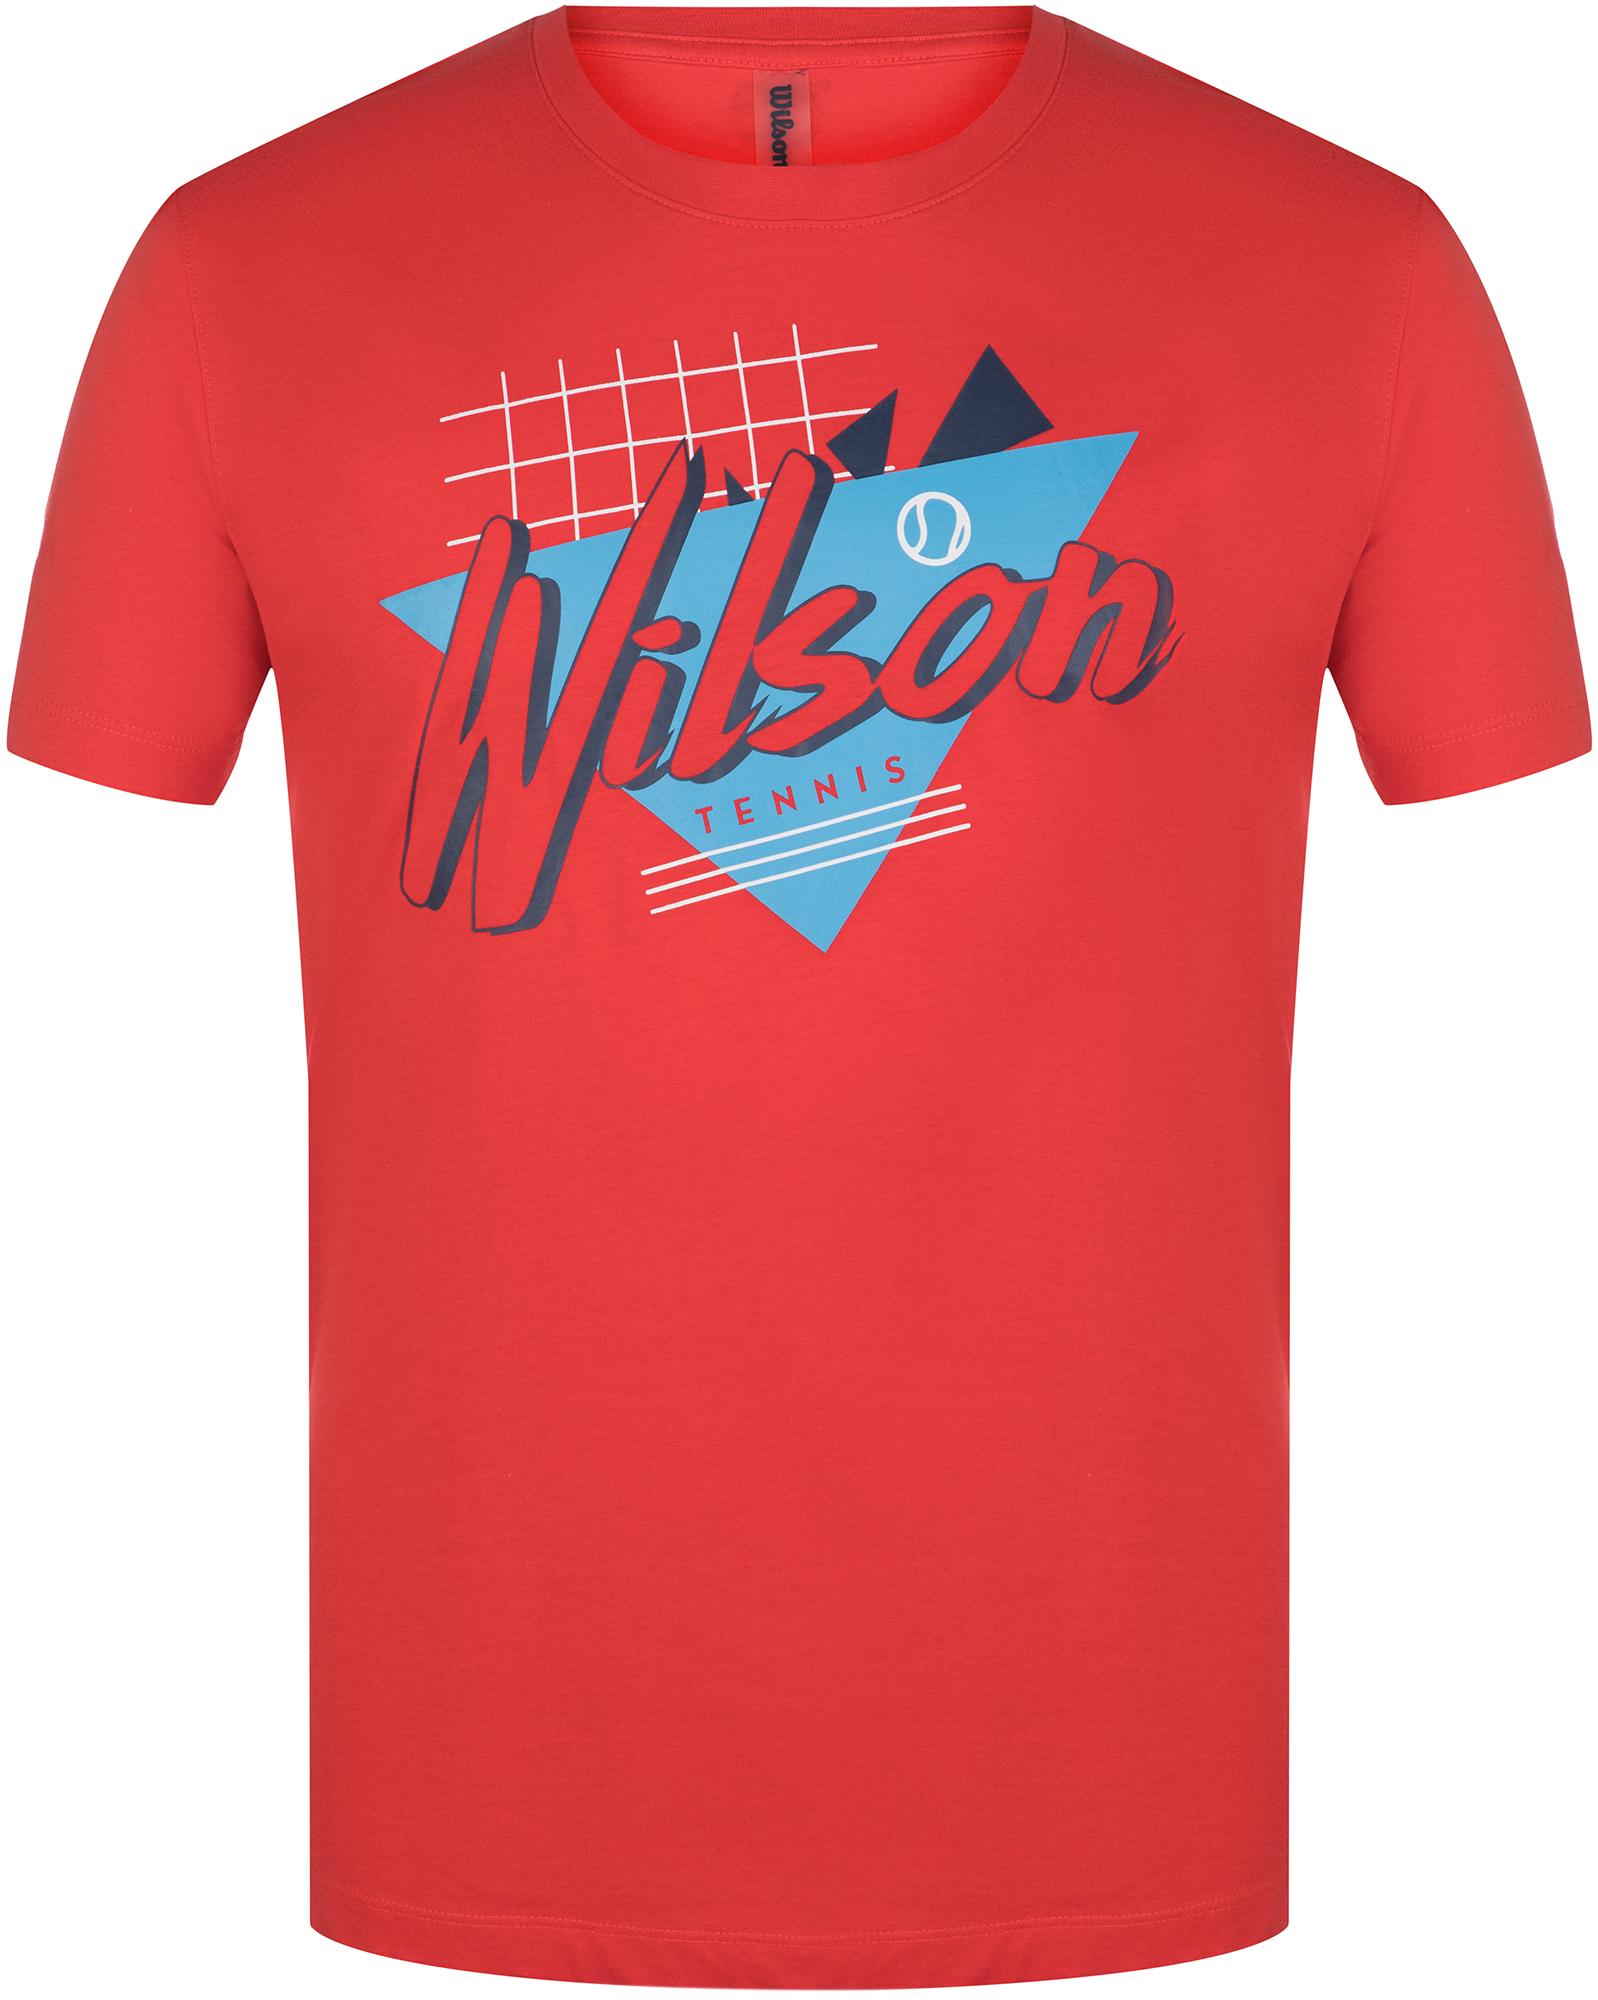 Wilson Футболка мужская Wilson NOSTALGIA TECH TEE, размер 48-50 футболка мужская reebok wor c graphic tee цвет серый ay2245 размер m 48 50